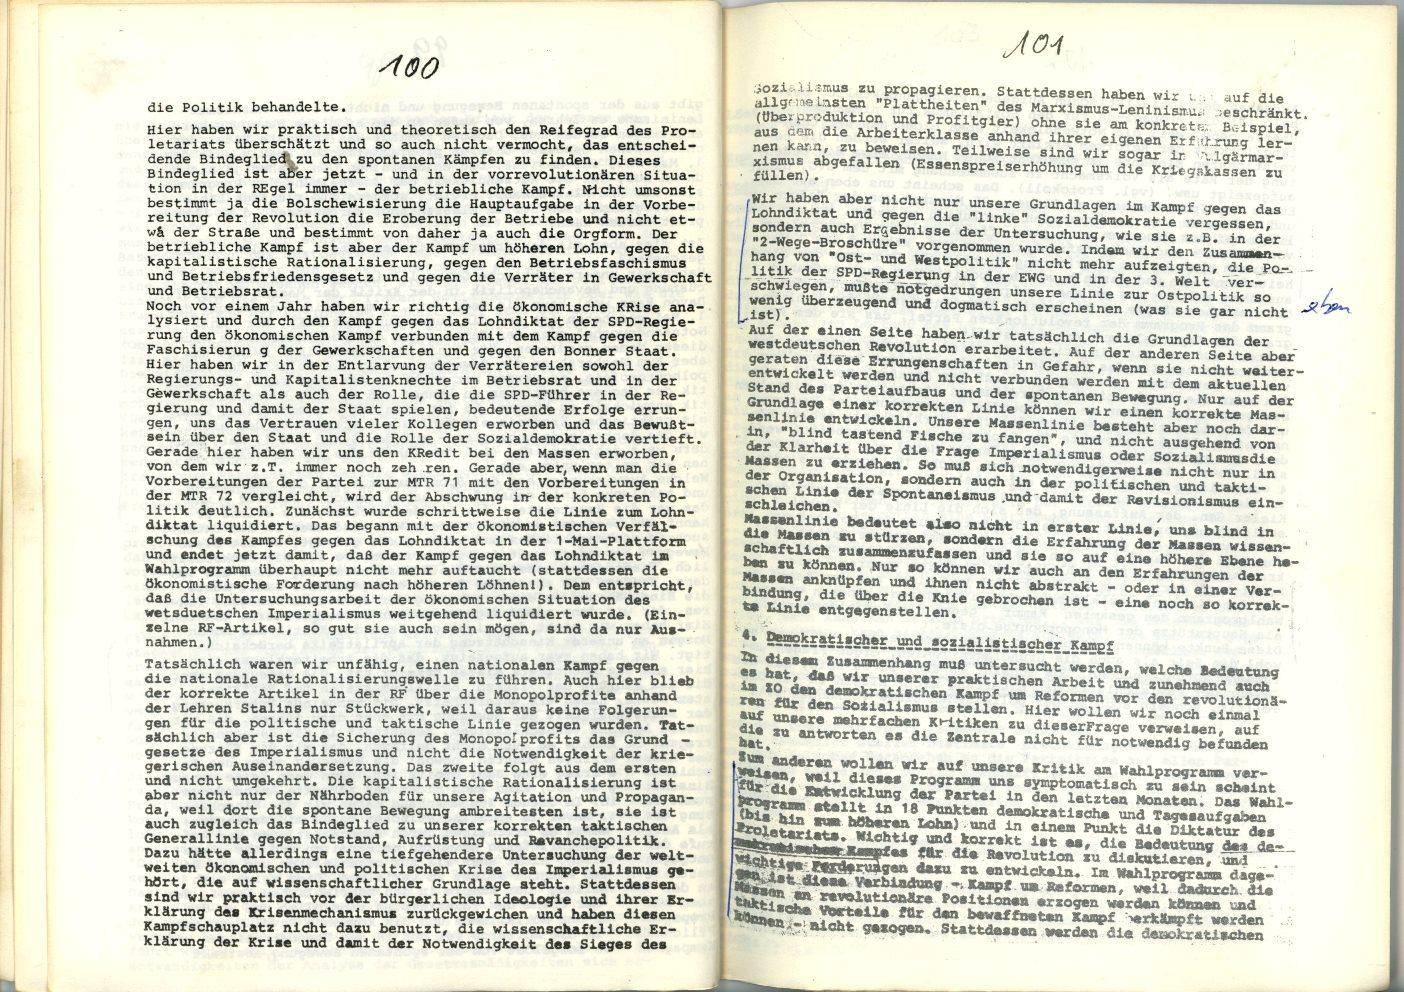 ZB_1972_Diskussionsorgan_zur_ersten_Parteikonferenz_56